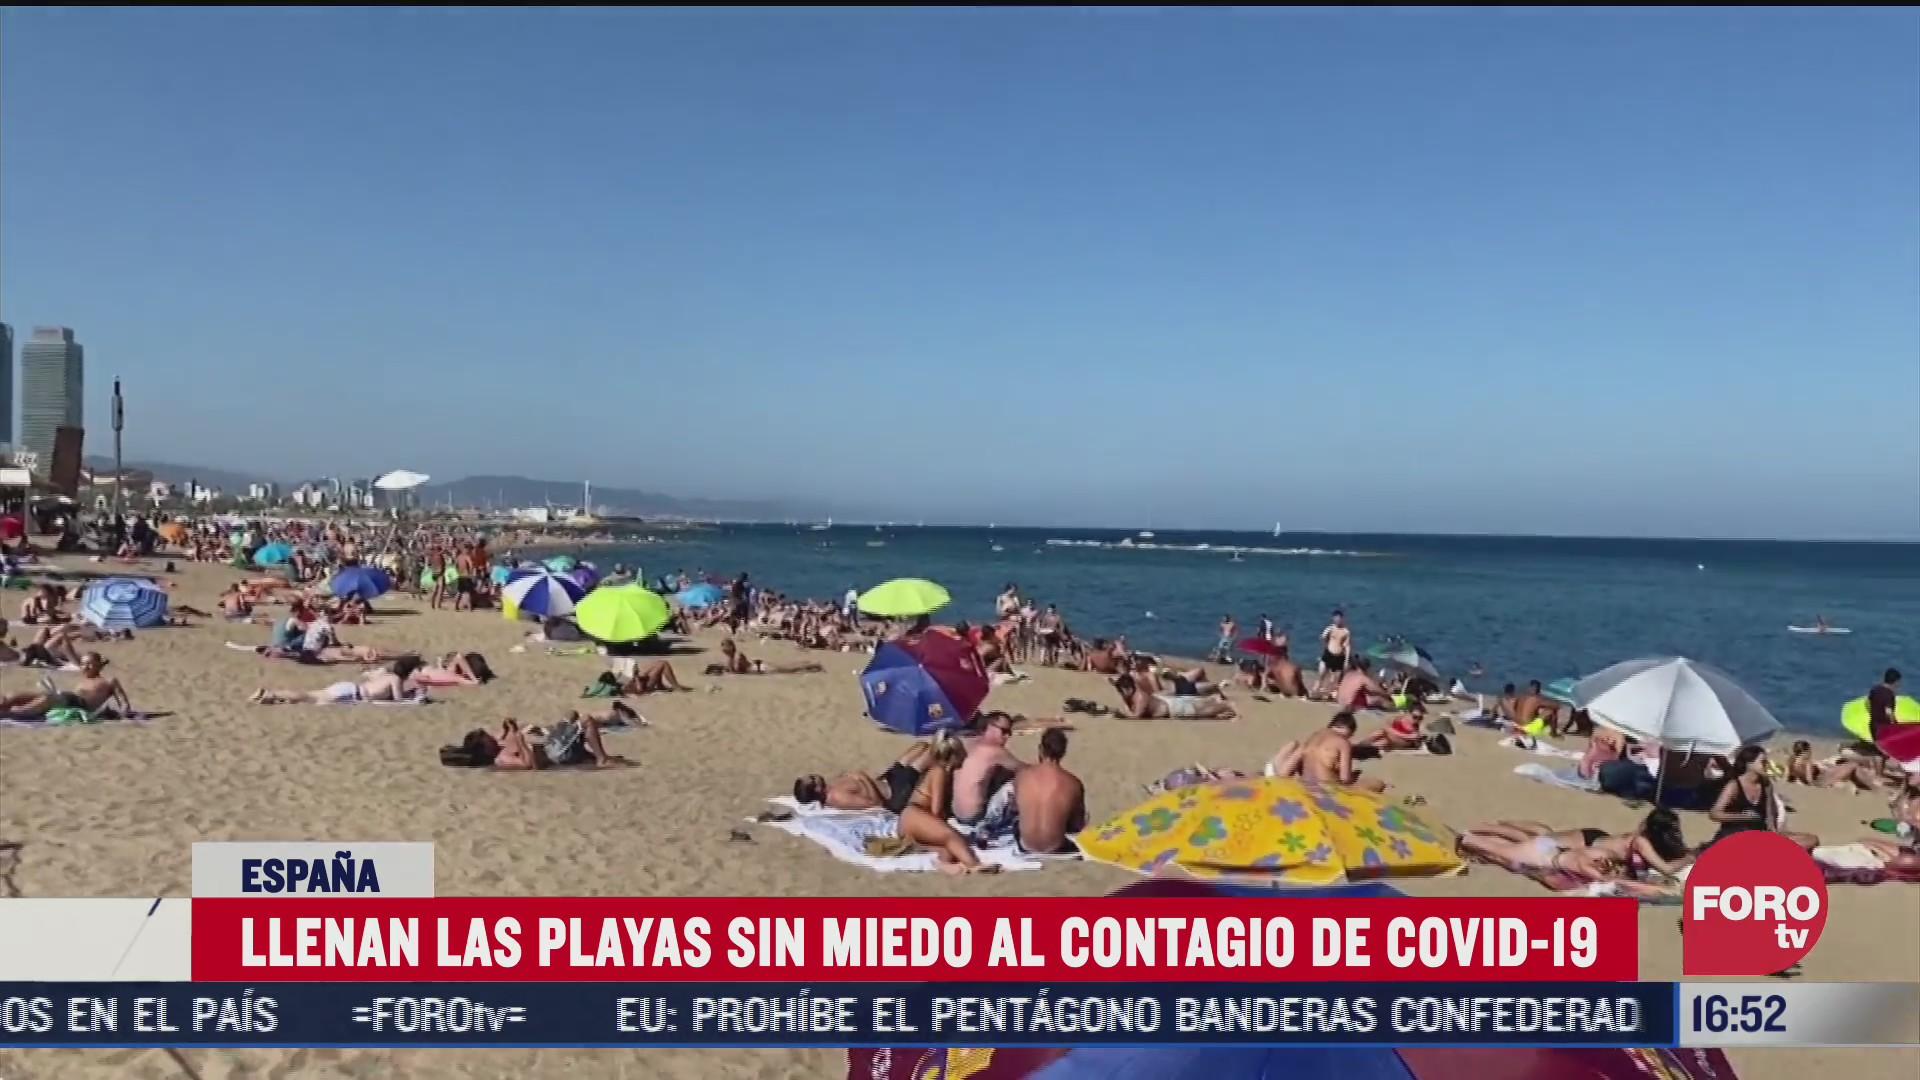 FOTO: 19 de julio 2020, habitantes de barcelona acuden de forma masiva a la playa